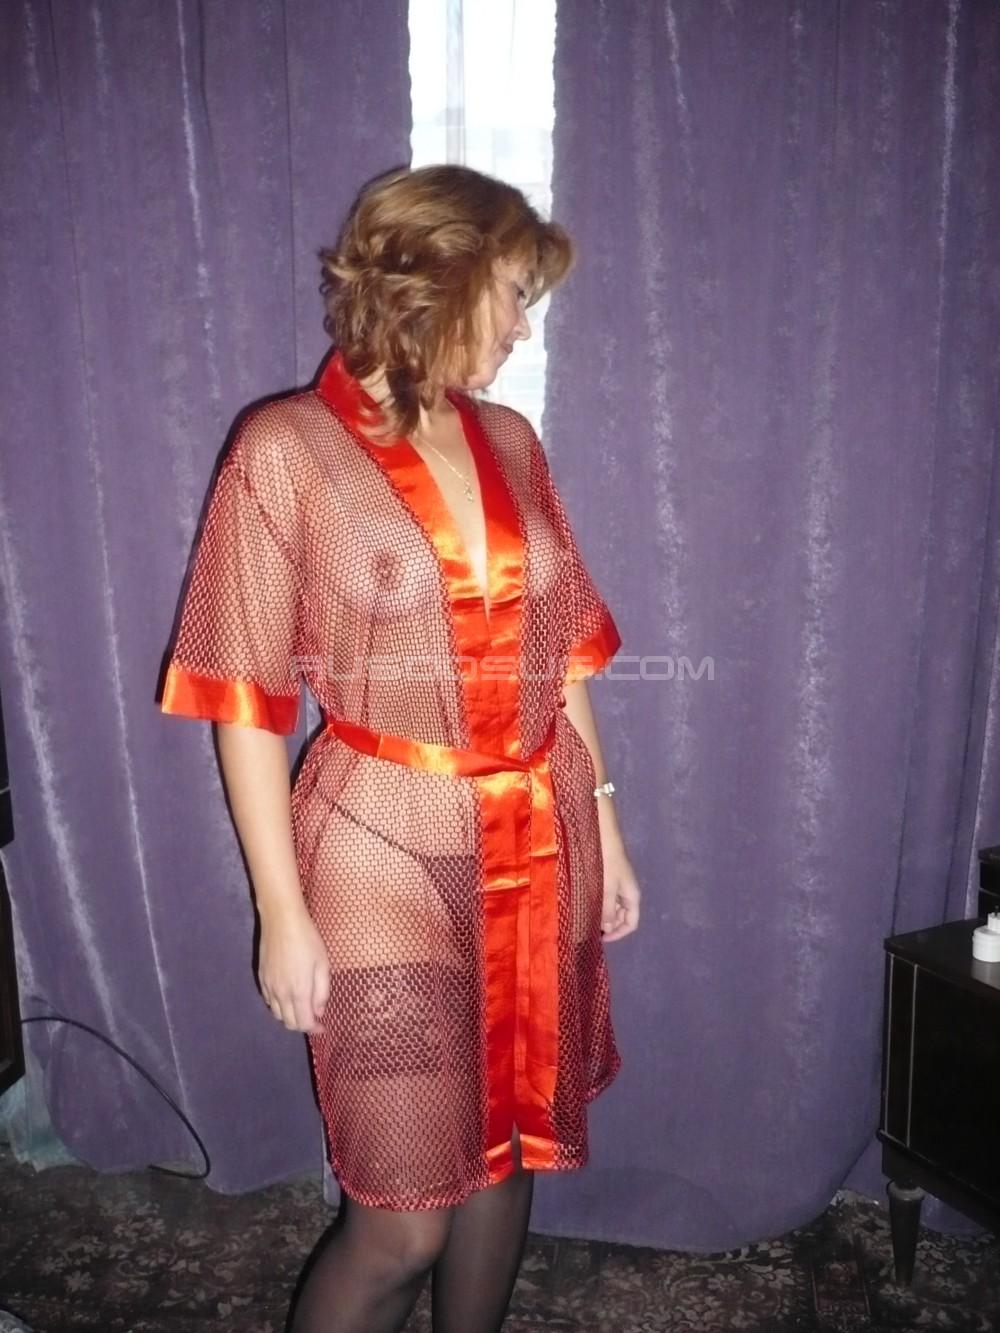 Снять дешевые проститутки от 35 до 40 лет узбечки спб м ладожская 8 фотография